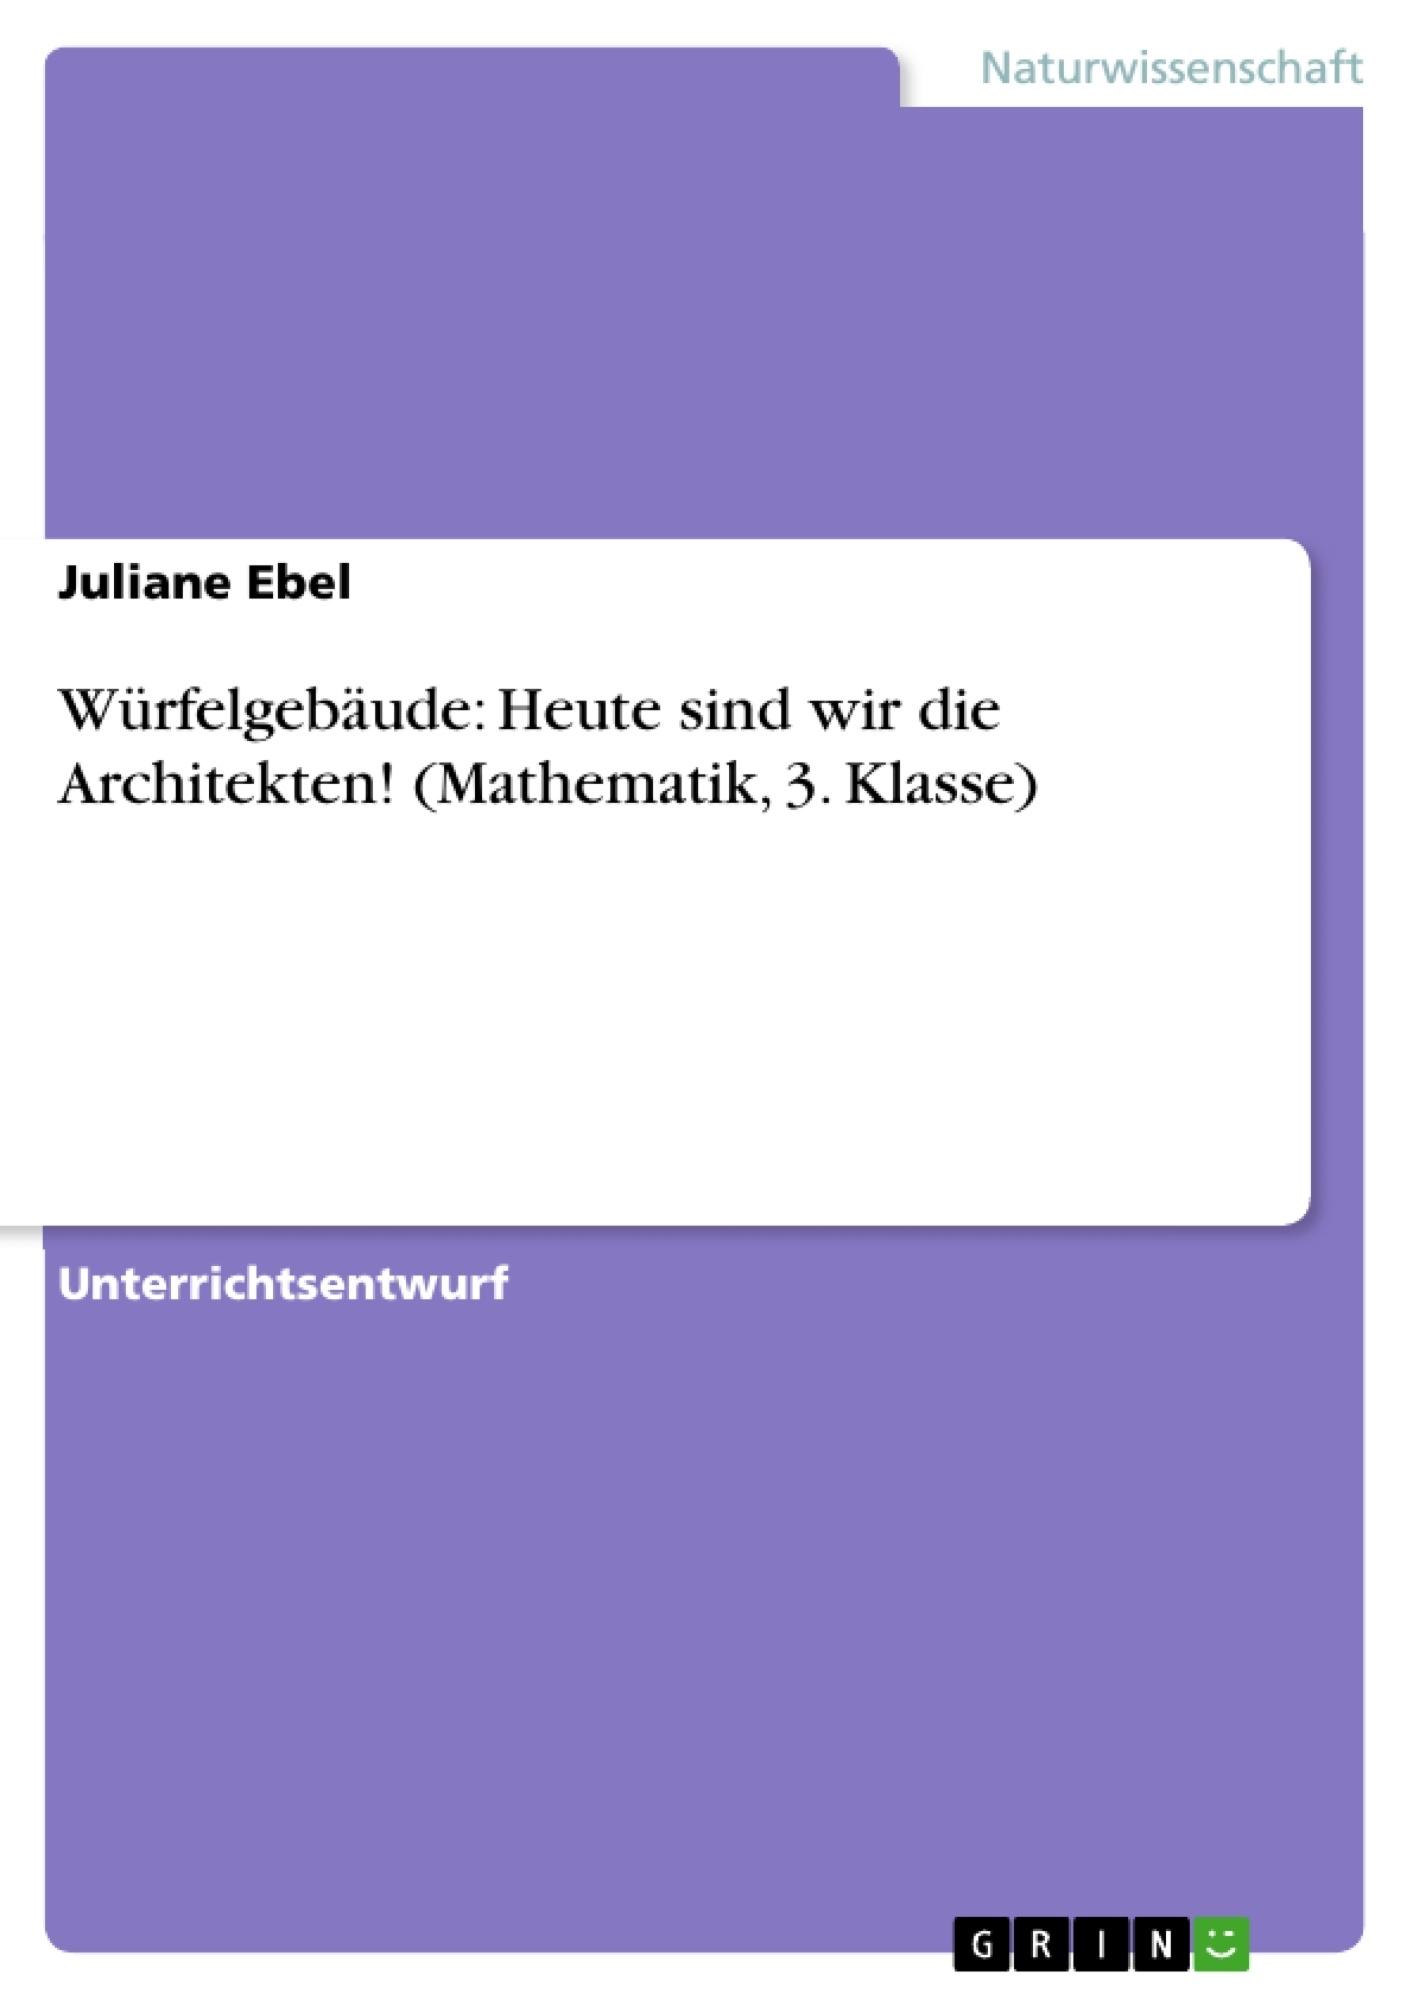 Titel: Würfelgebäude: Heute sind wir die Architekten! (Mathematik, 3. Klasse)